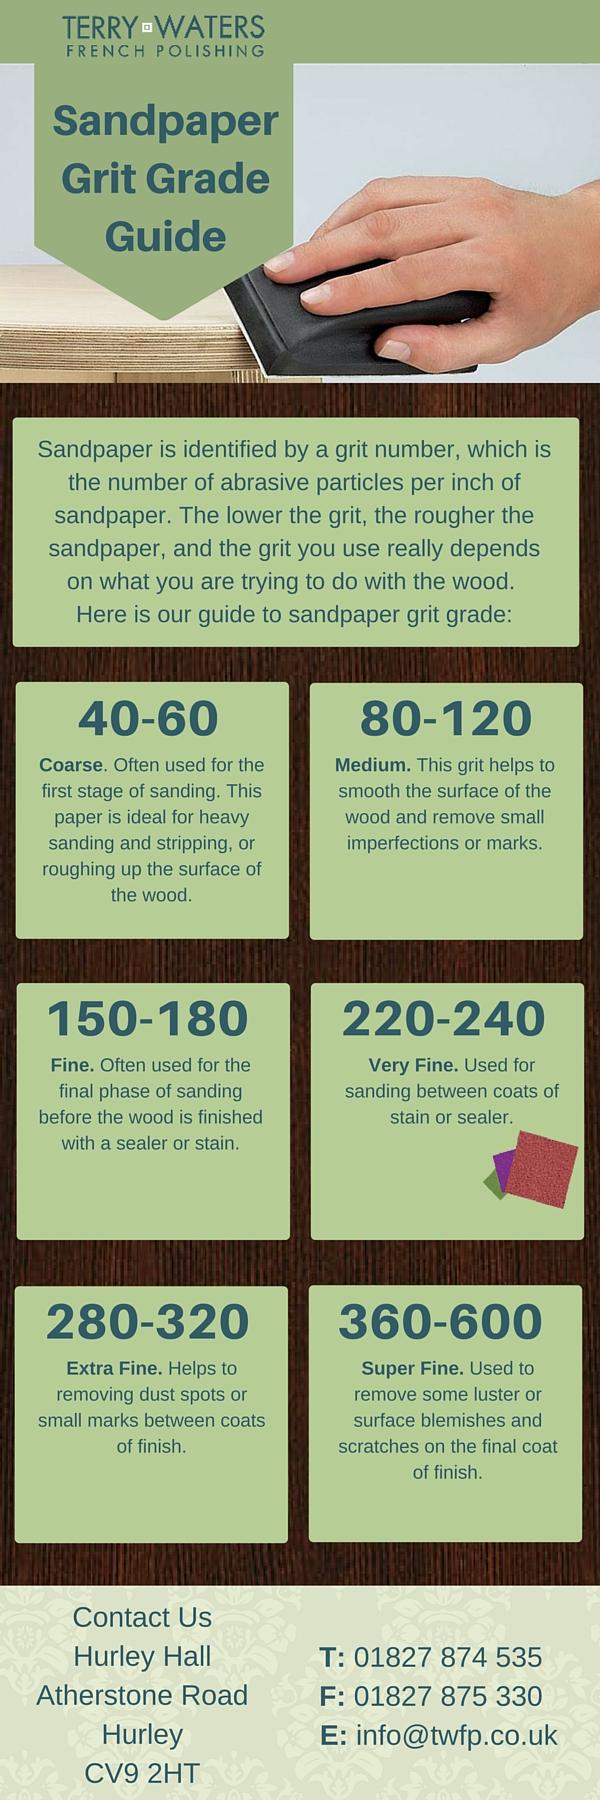 Grit -Grade-Guide